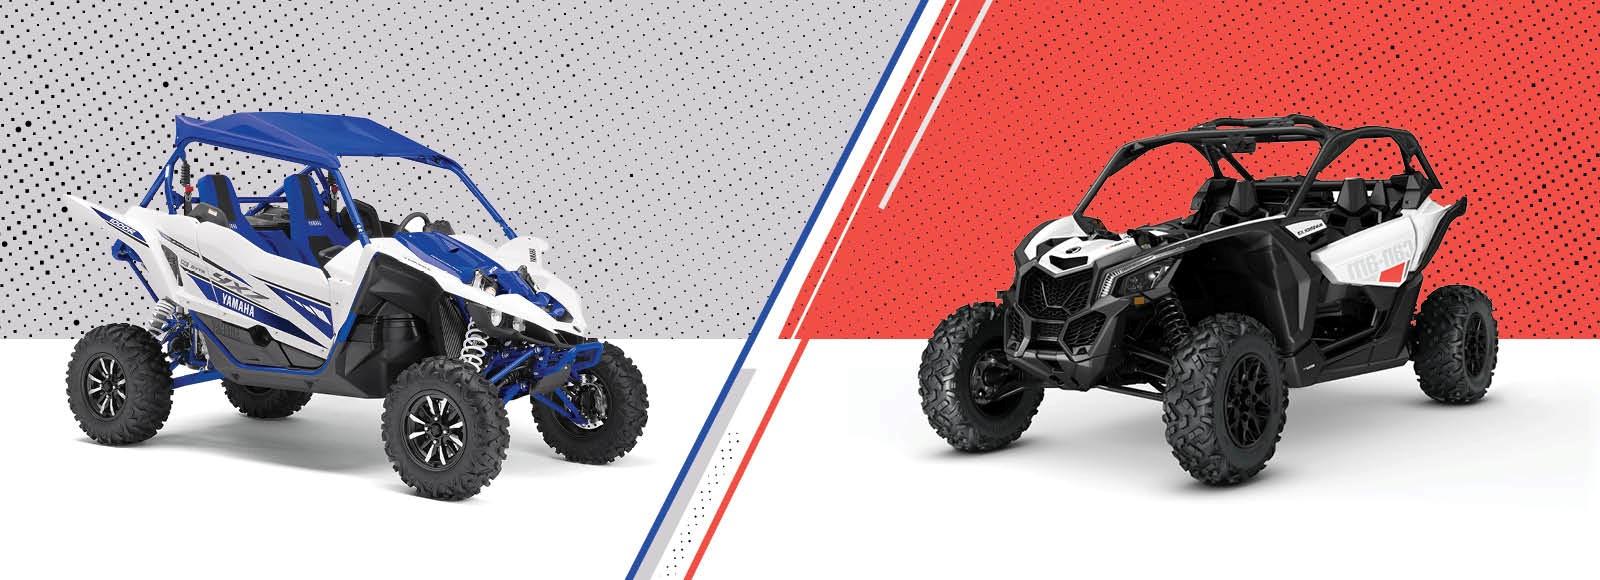 Обзор лучшего квадроцикла суперспорт – Yamaha YXZ